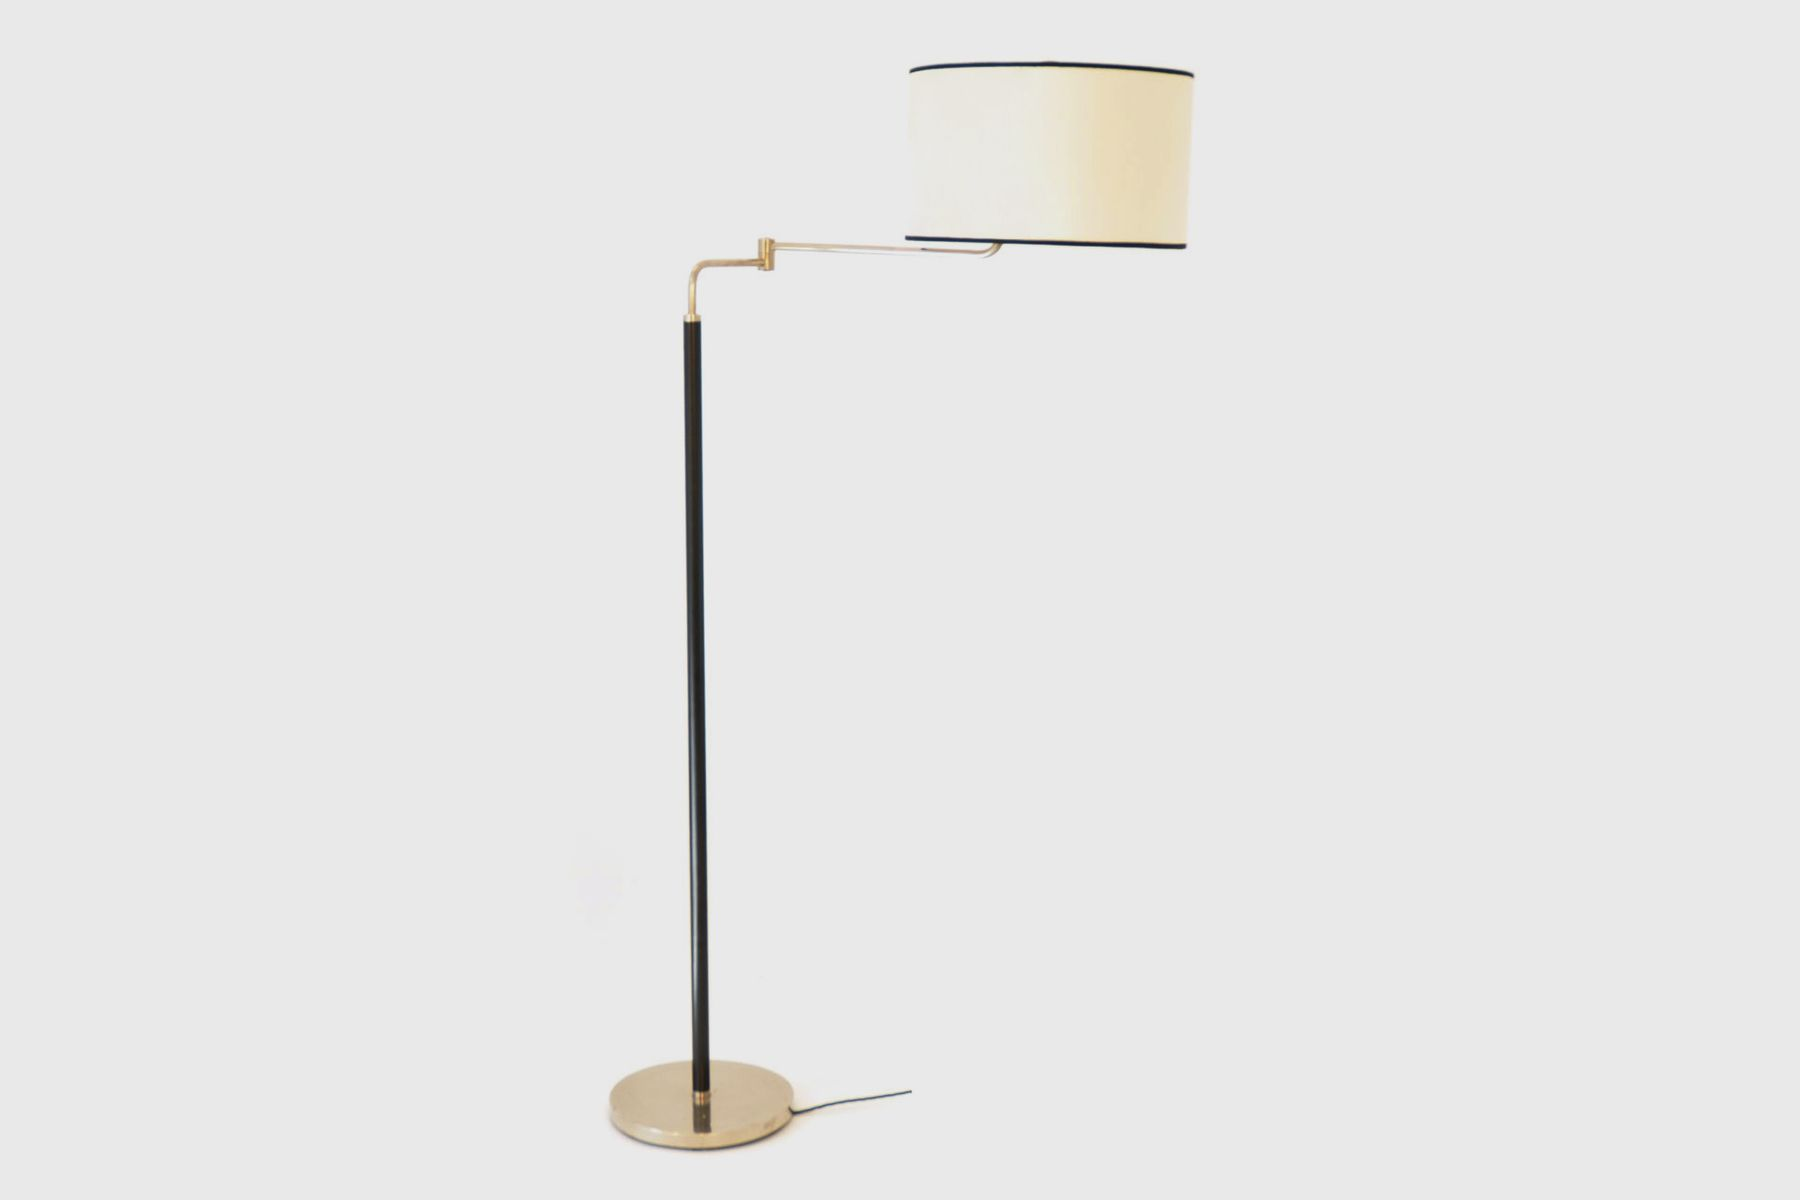 Stehlampe von J.T Kalmar, 1950er